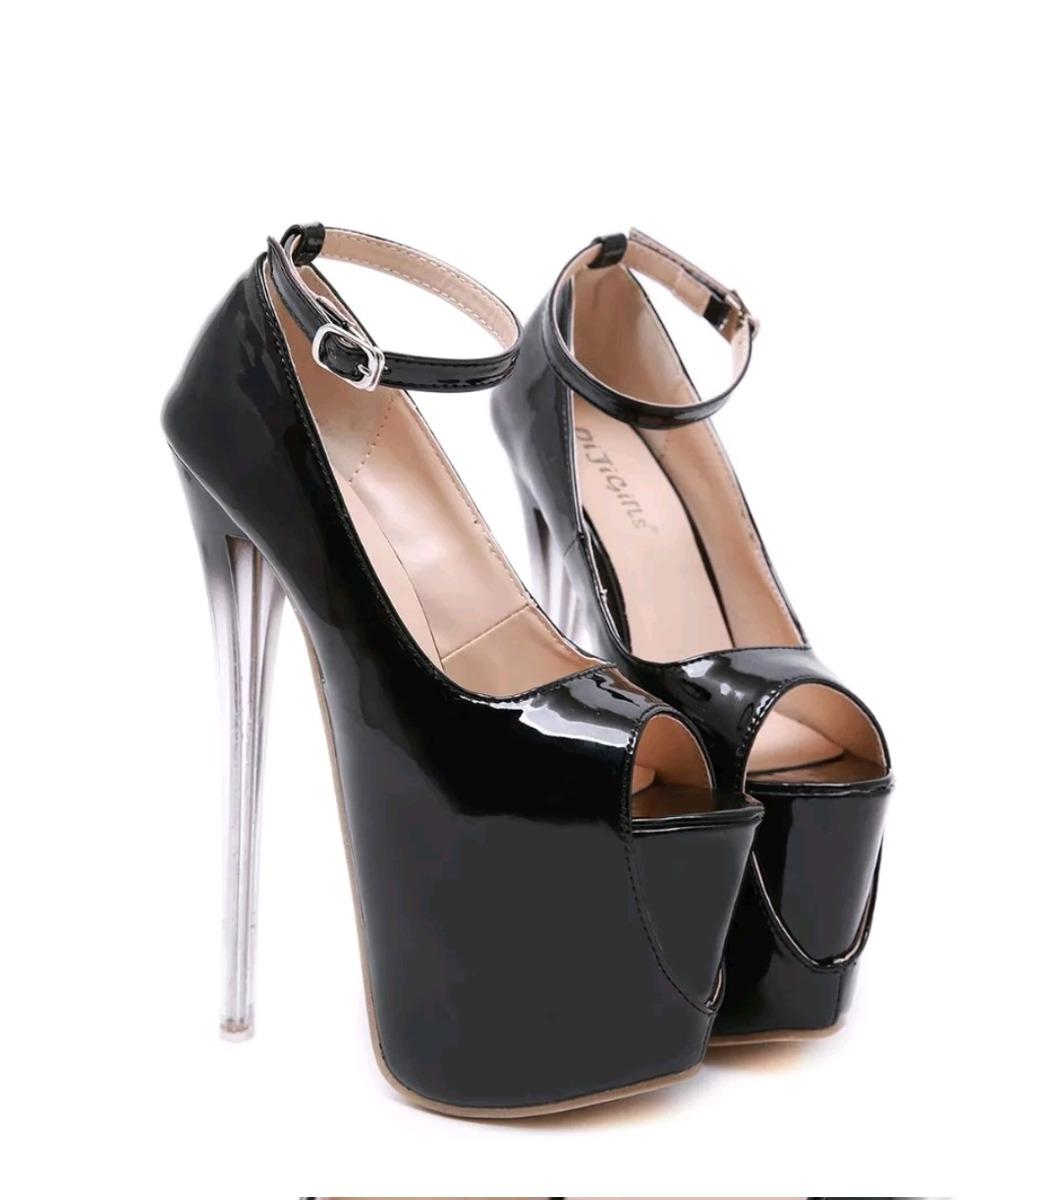 632cf5a76 Sapato Gladiador Feminino Importado - Pronta Entrega - R$ 376,96 em ...